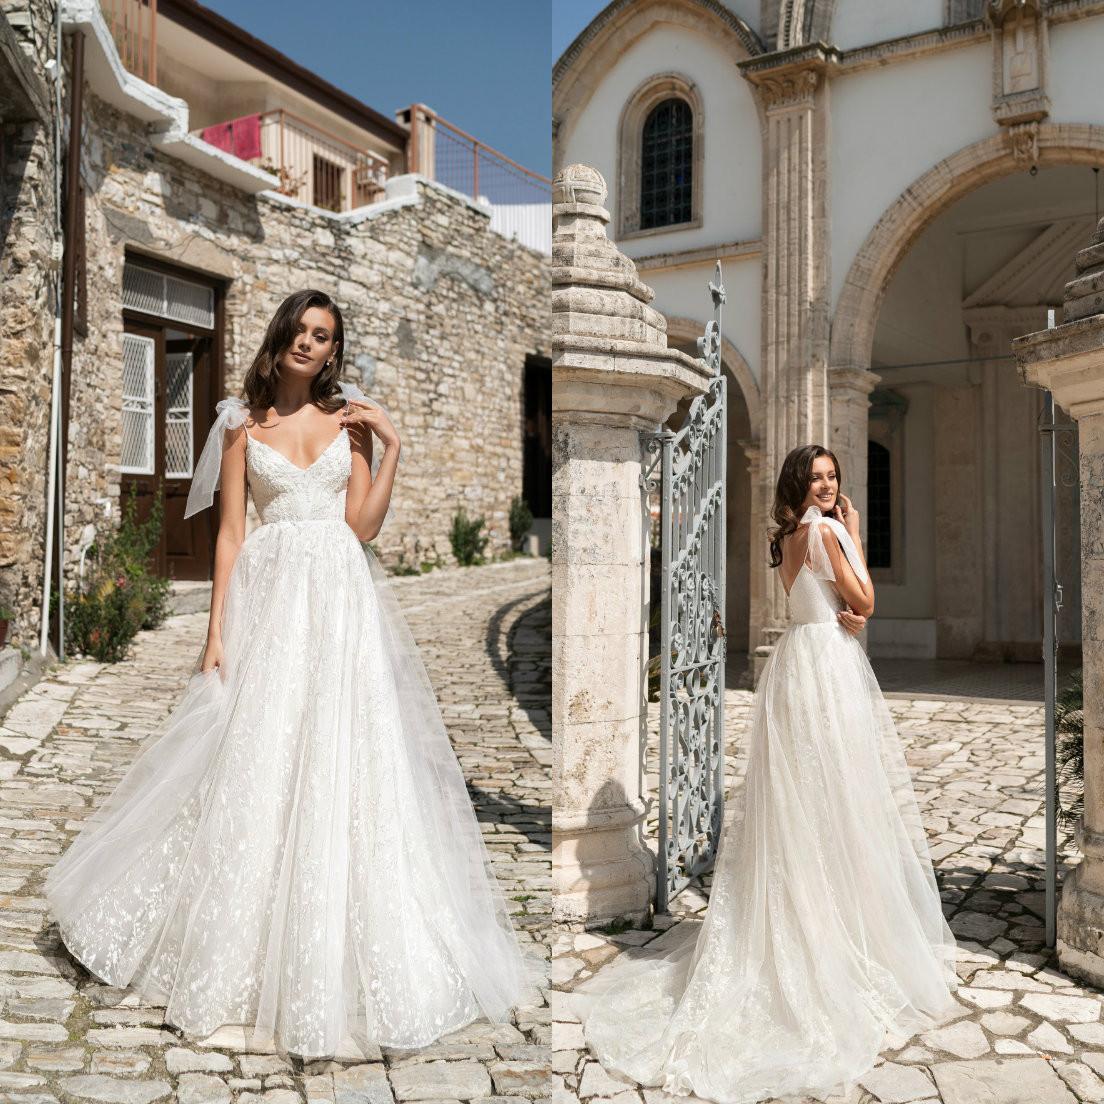 2021 vestidos de boda de las correas de espagueti apliques de encaje Cuentas de vestidos de novia sin espalda de barrido tren vestido de novia una línea Robe de mariée